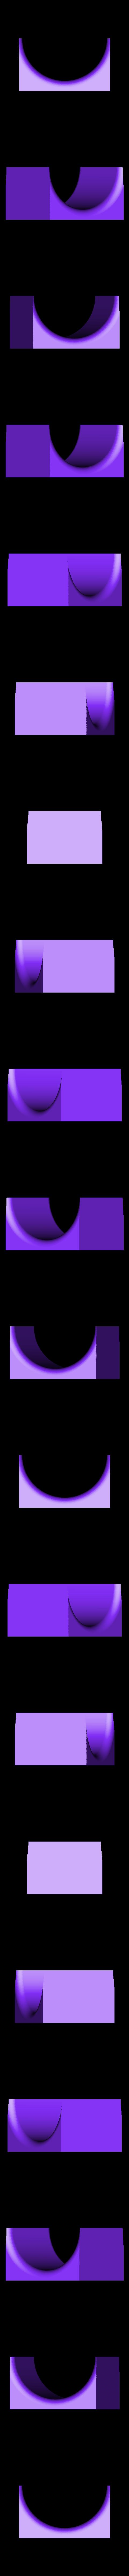 Cable-slat.STL Télécharger fichier STL gratuit Support de câble et autres pour Prusa i4 • Objet pour impression 3D, perinski